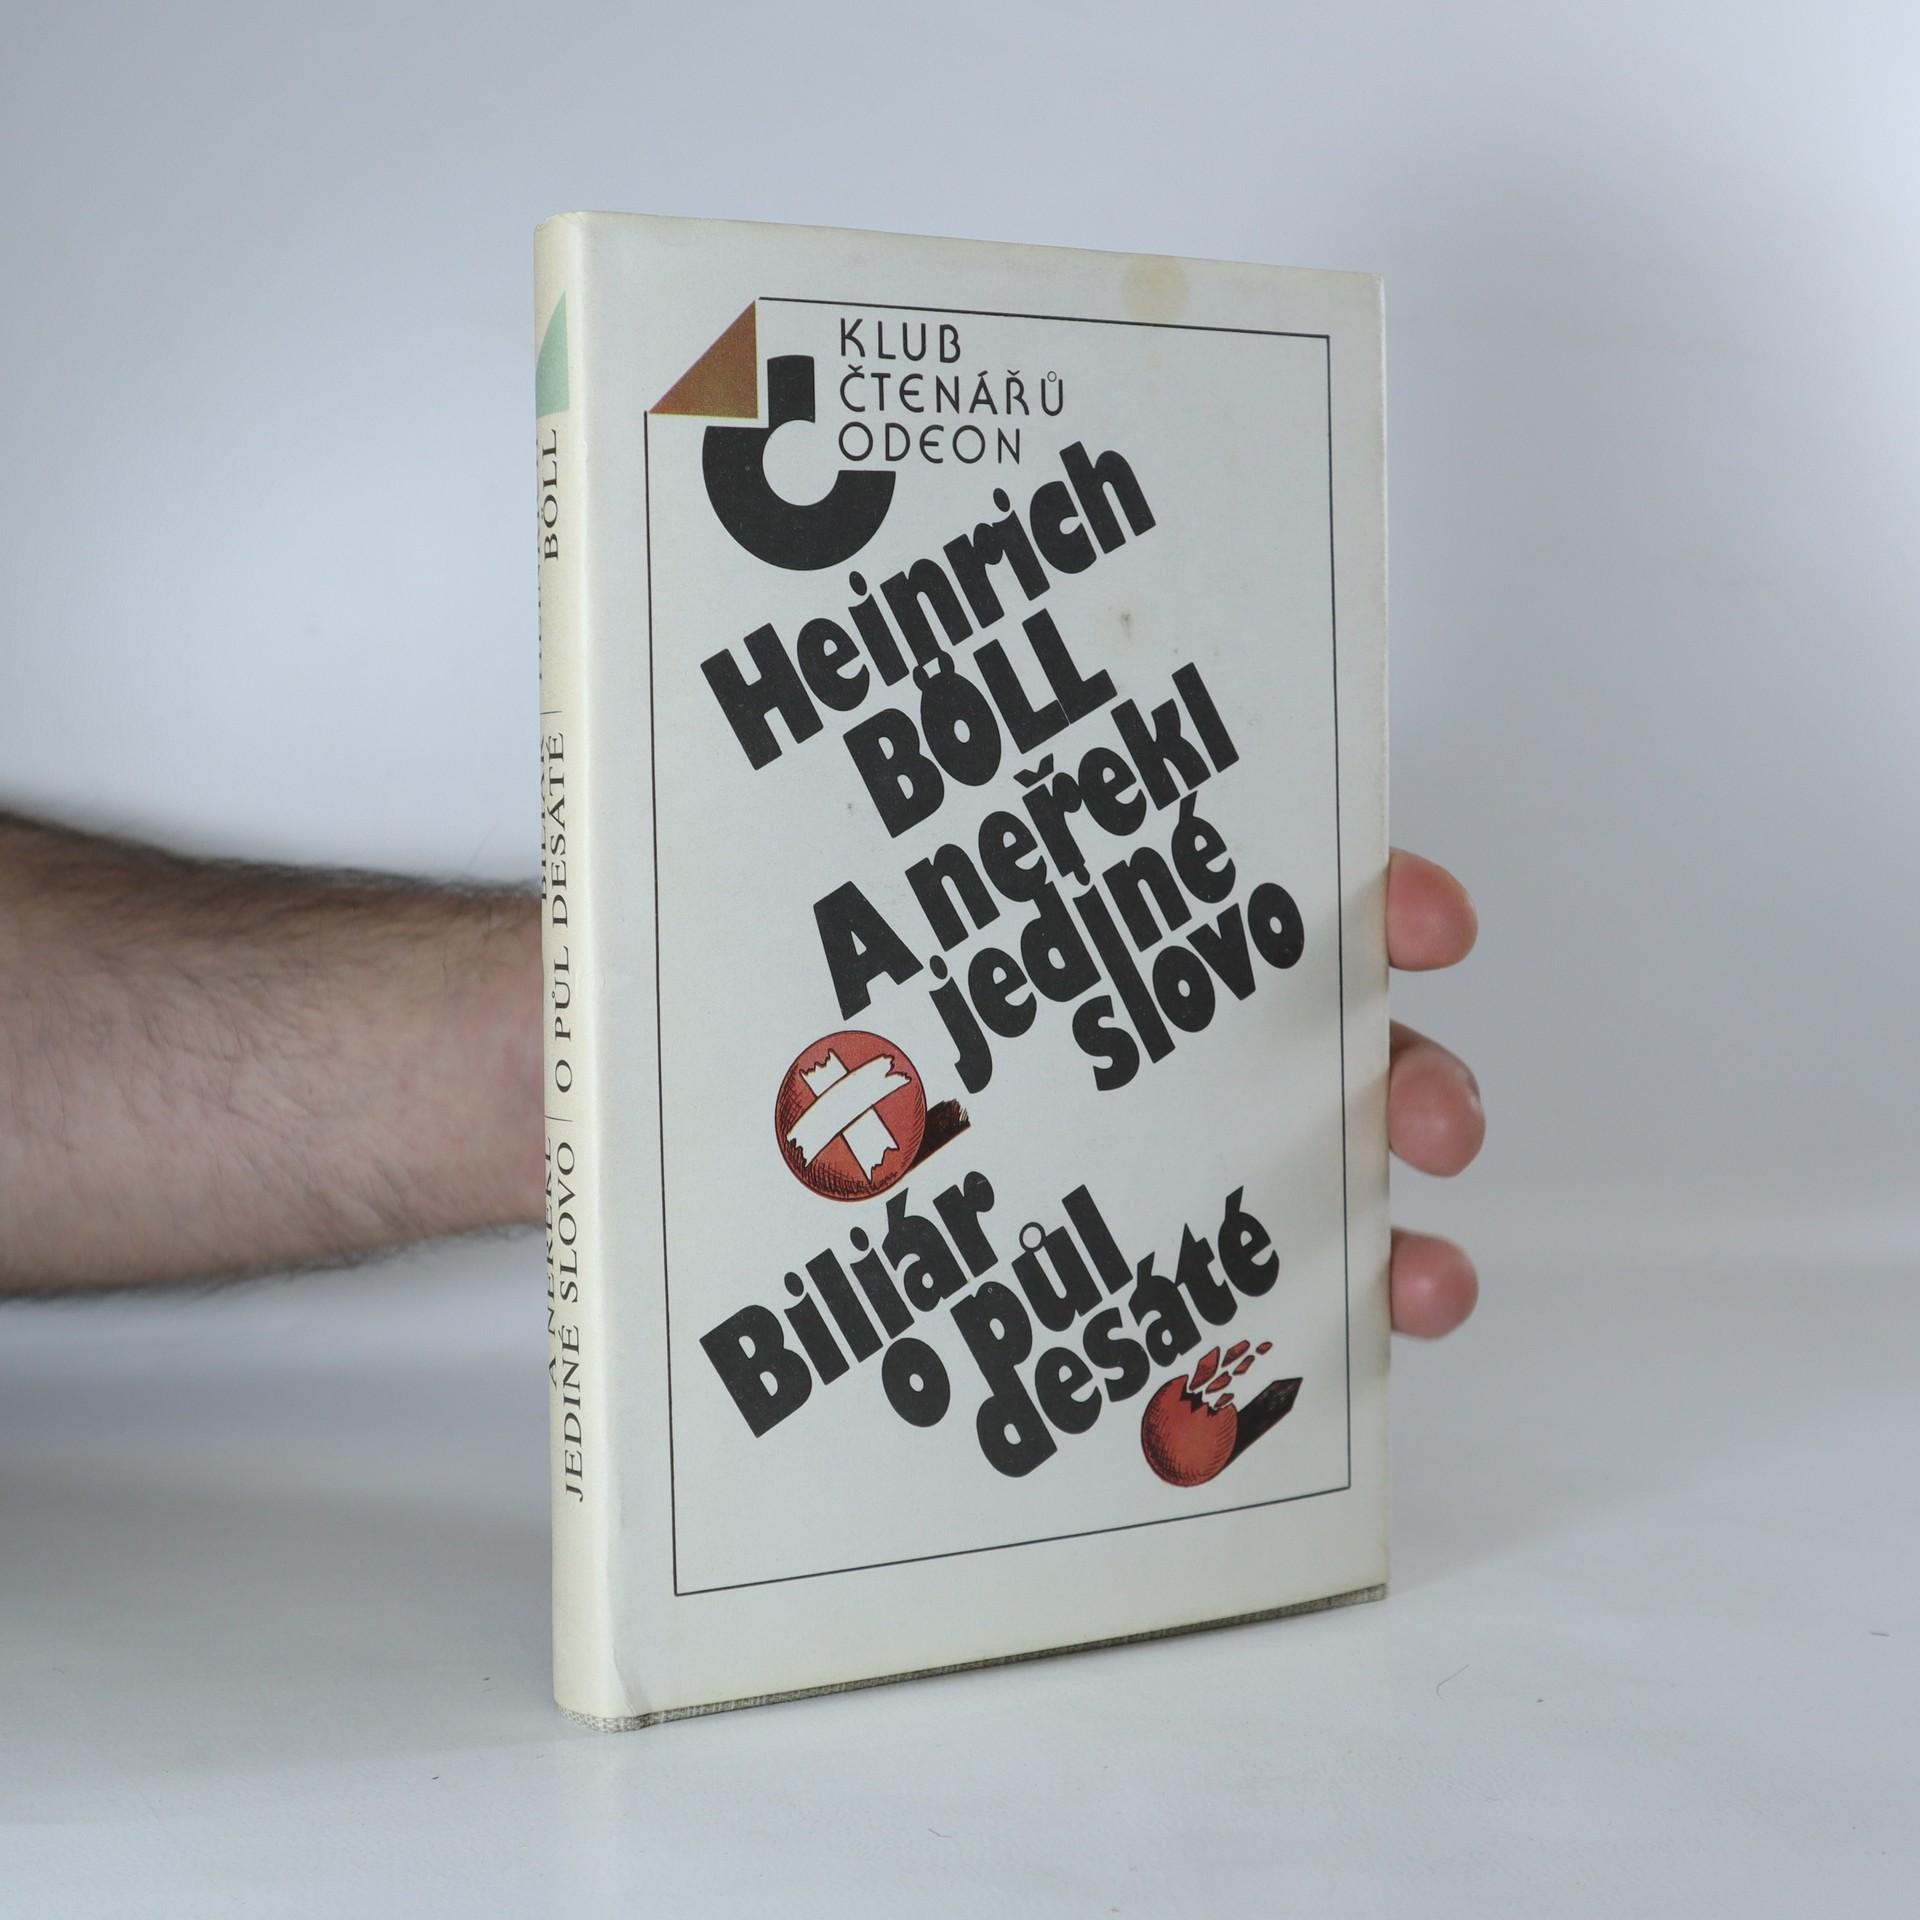 antikvární kniha A neřekl jediné slovo. Biliár o půl desáté, 1988